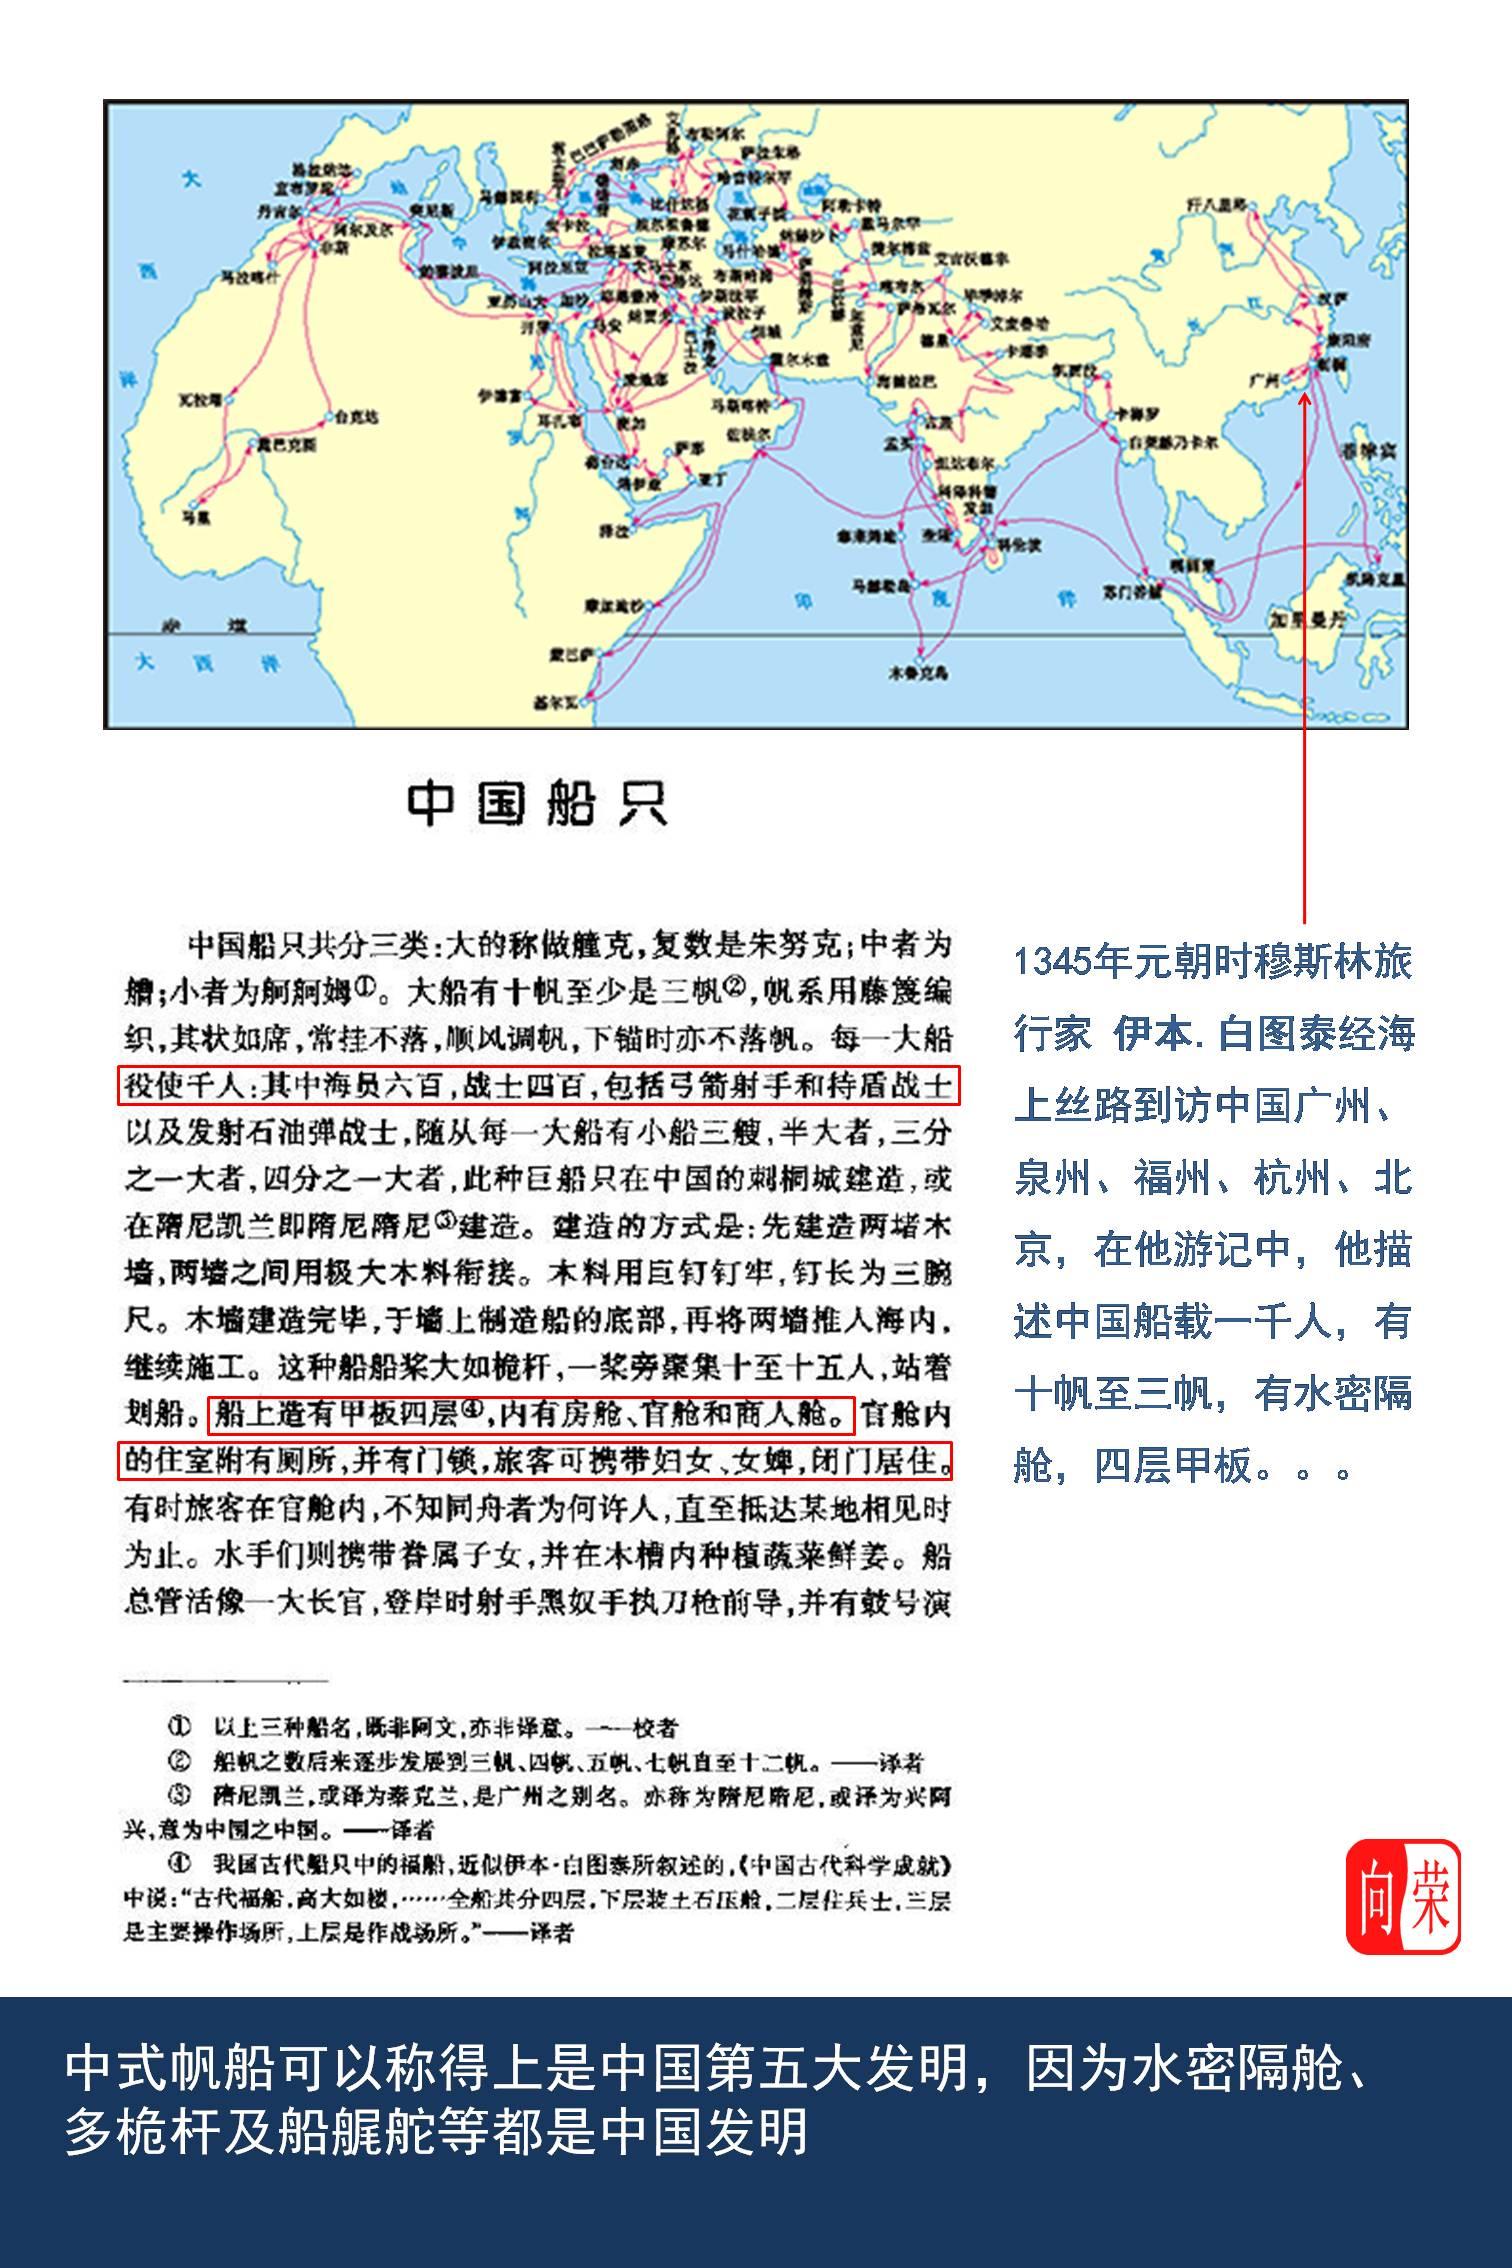 中华文化,旅行社,香港大学,南海诸岛,帆船运动 《中式帆船古为今用》展览,让老邝带你看中式帆船! Slide3.JPG